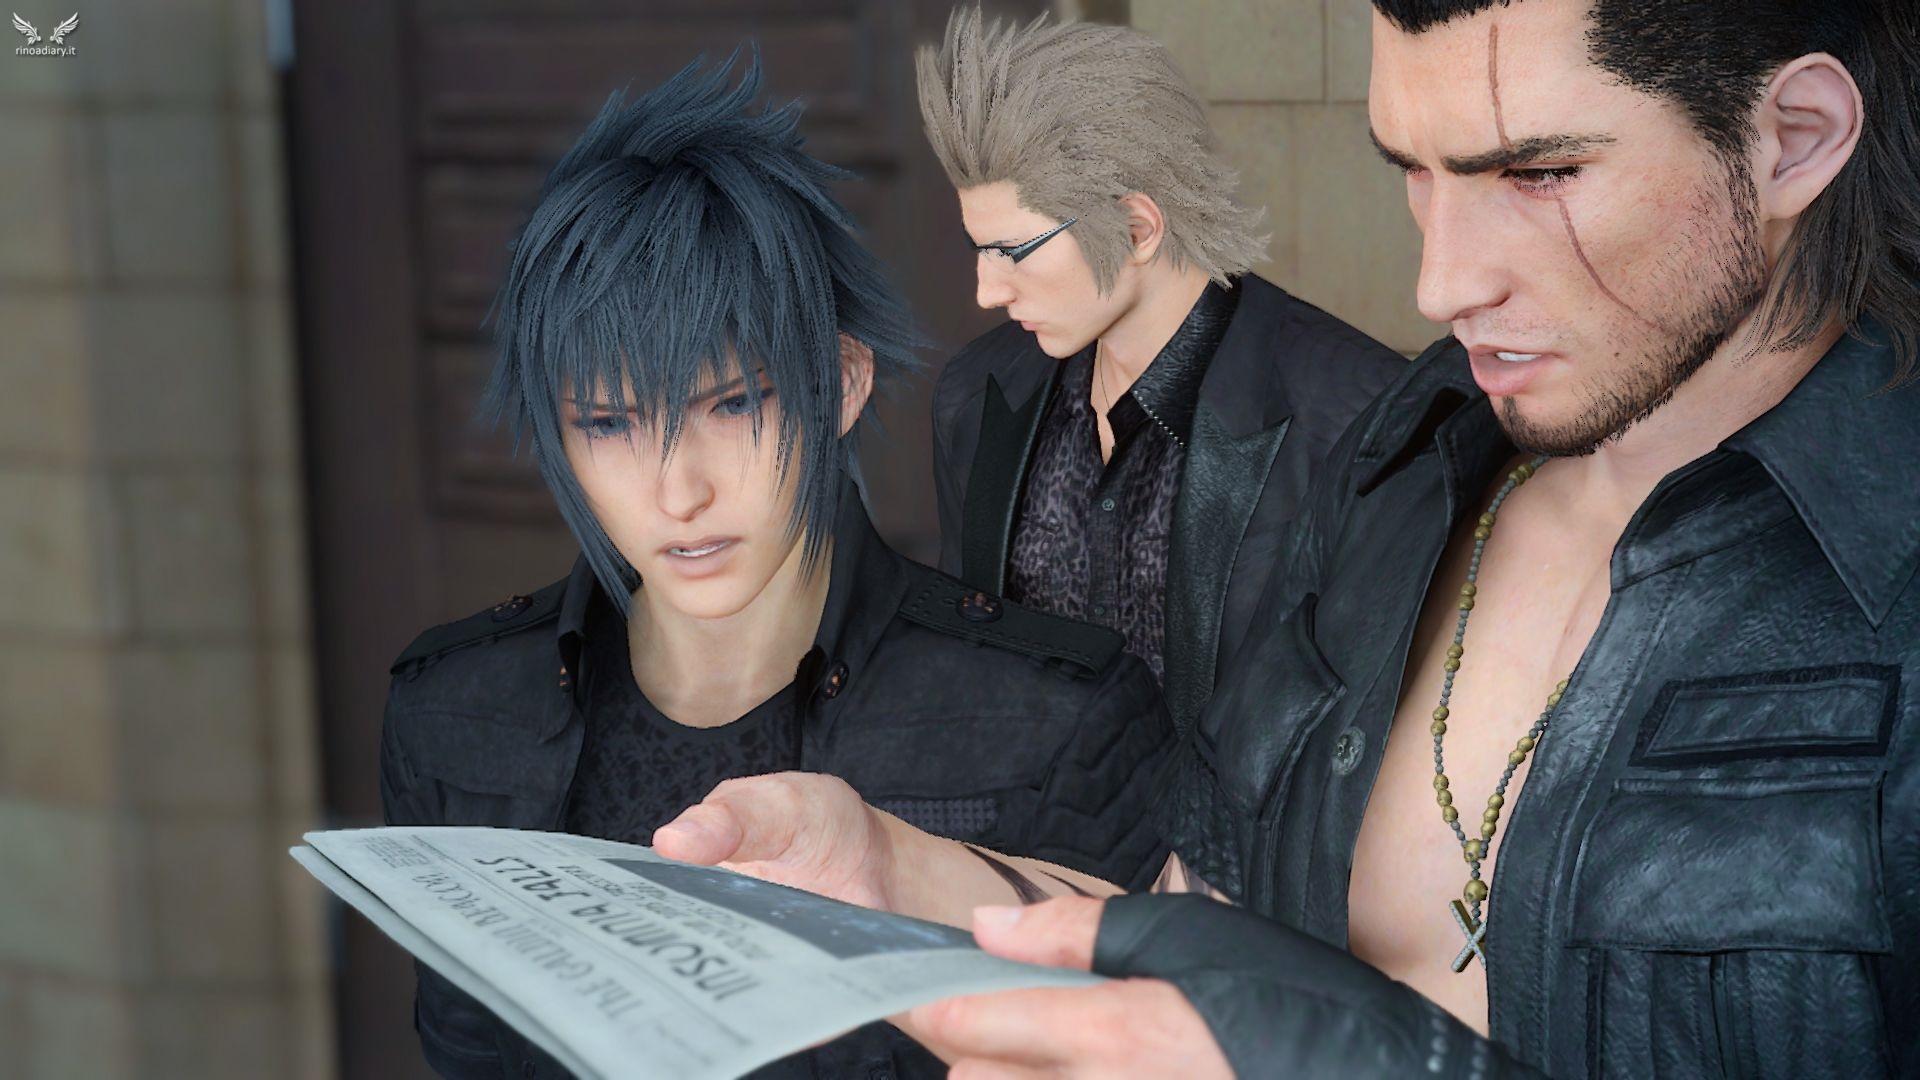 In sviluppo un MMO per cellulari su Final Fantasy XV